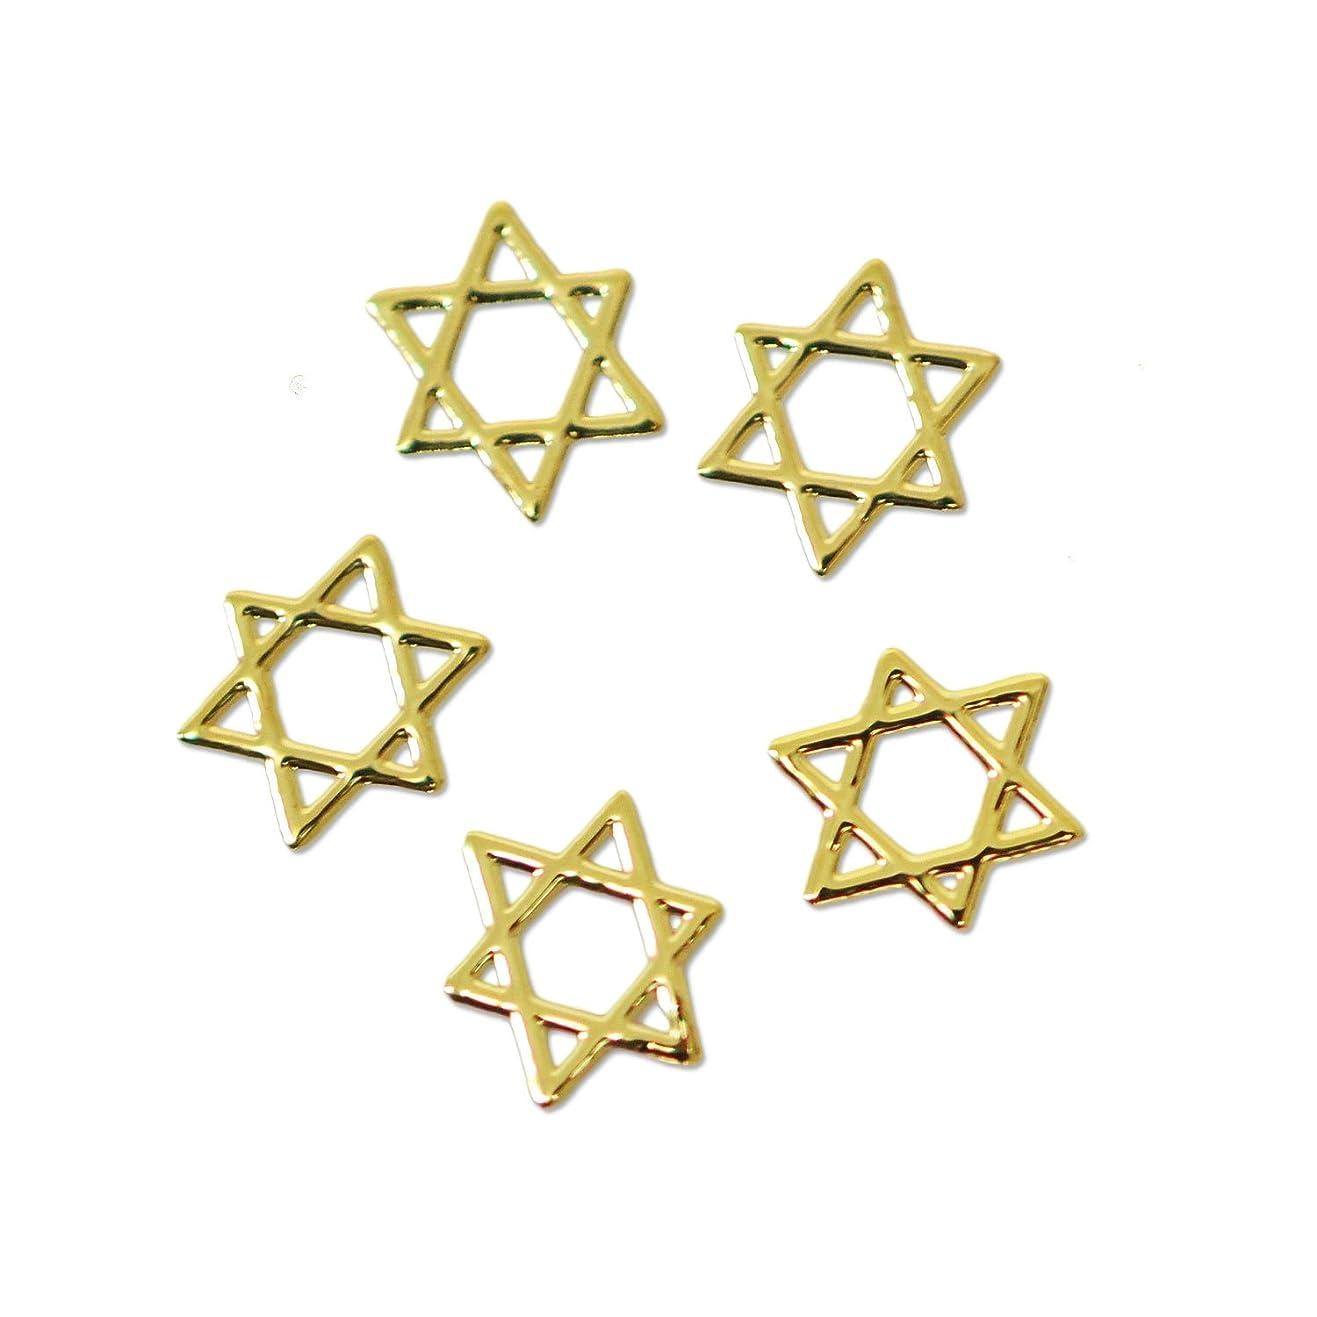 破滅スクワイアひねり薄型メタルパーツ10030六芒星 ヘキサグラム ダビデの星 4mm×4mm(ゴールド)/20p入り 片面仕上げ